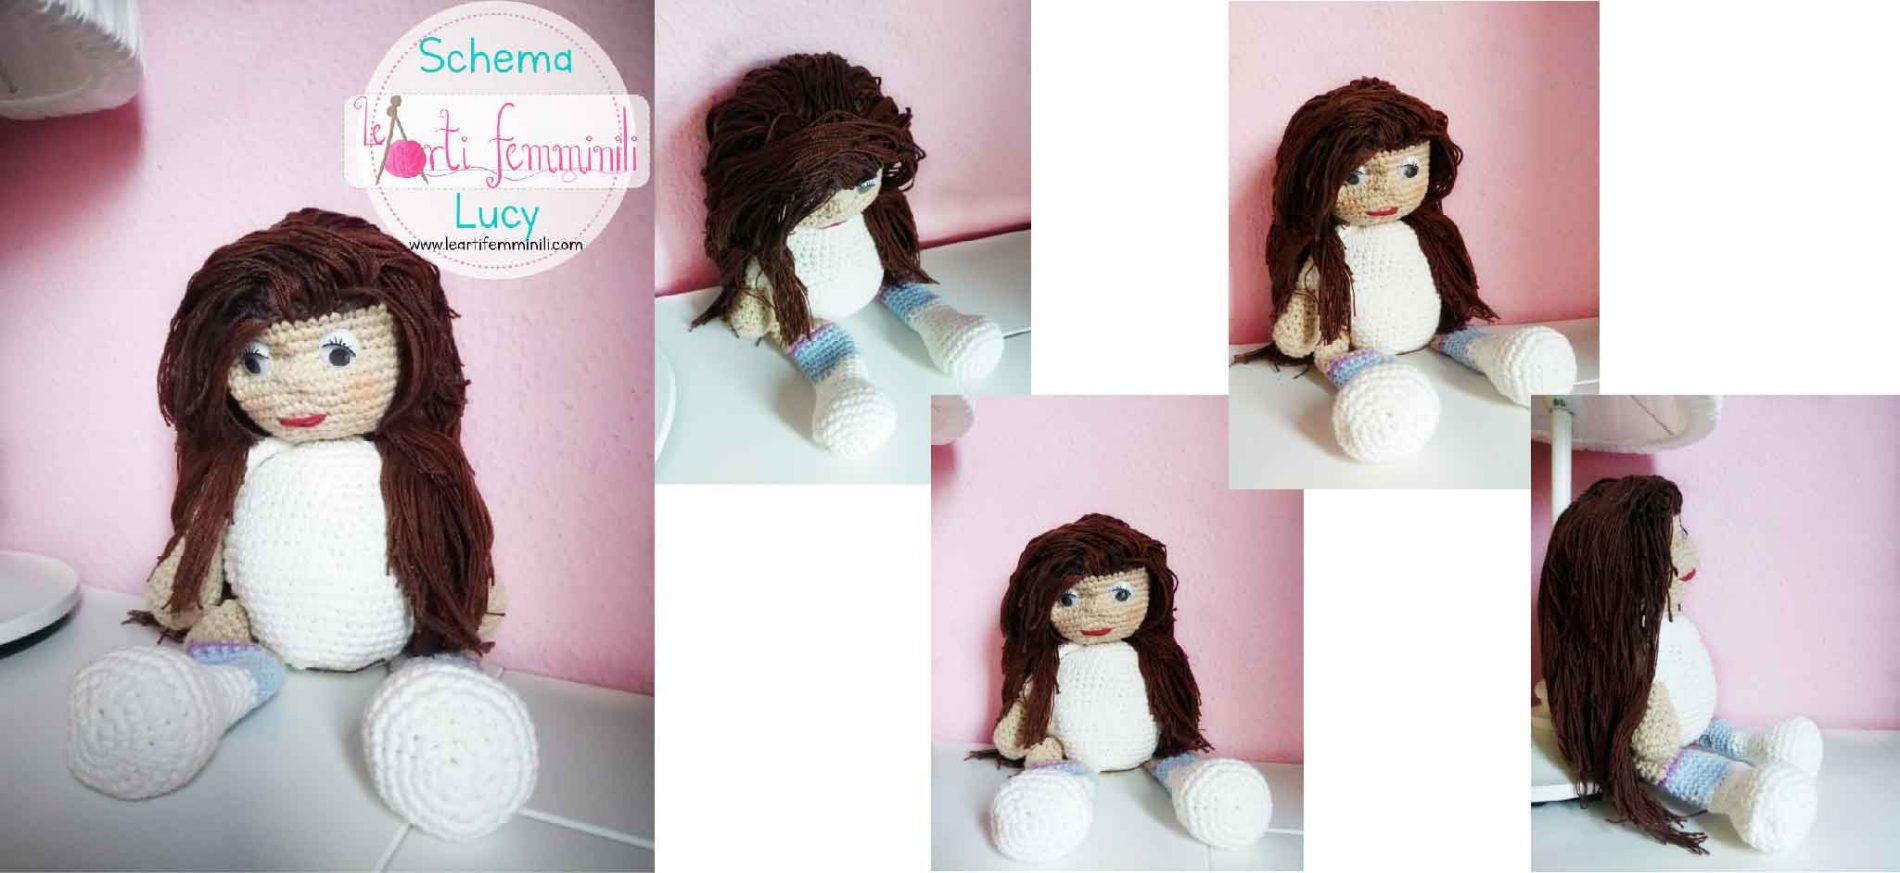 Bambola all'uncinetto Amigurumi